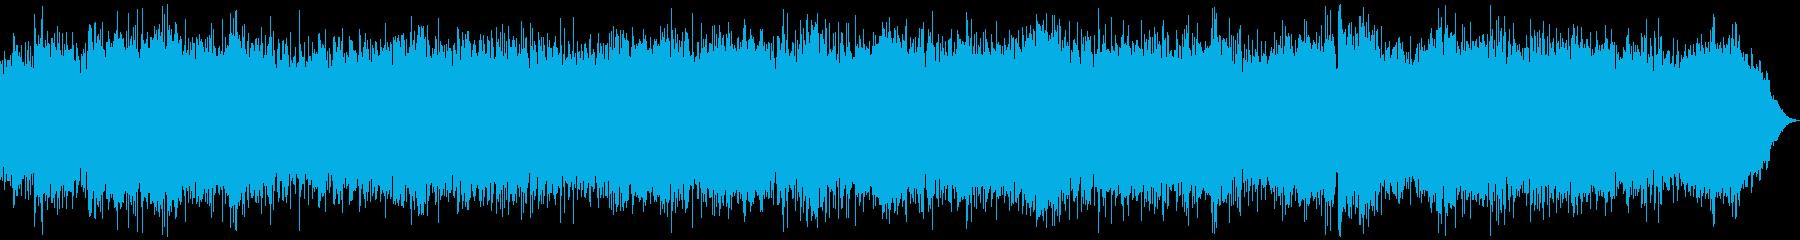 疾走感のあるエレキギターのロックの再生済みの波形